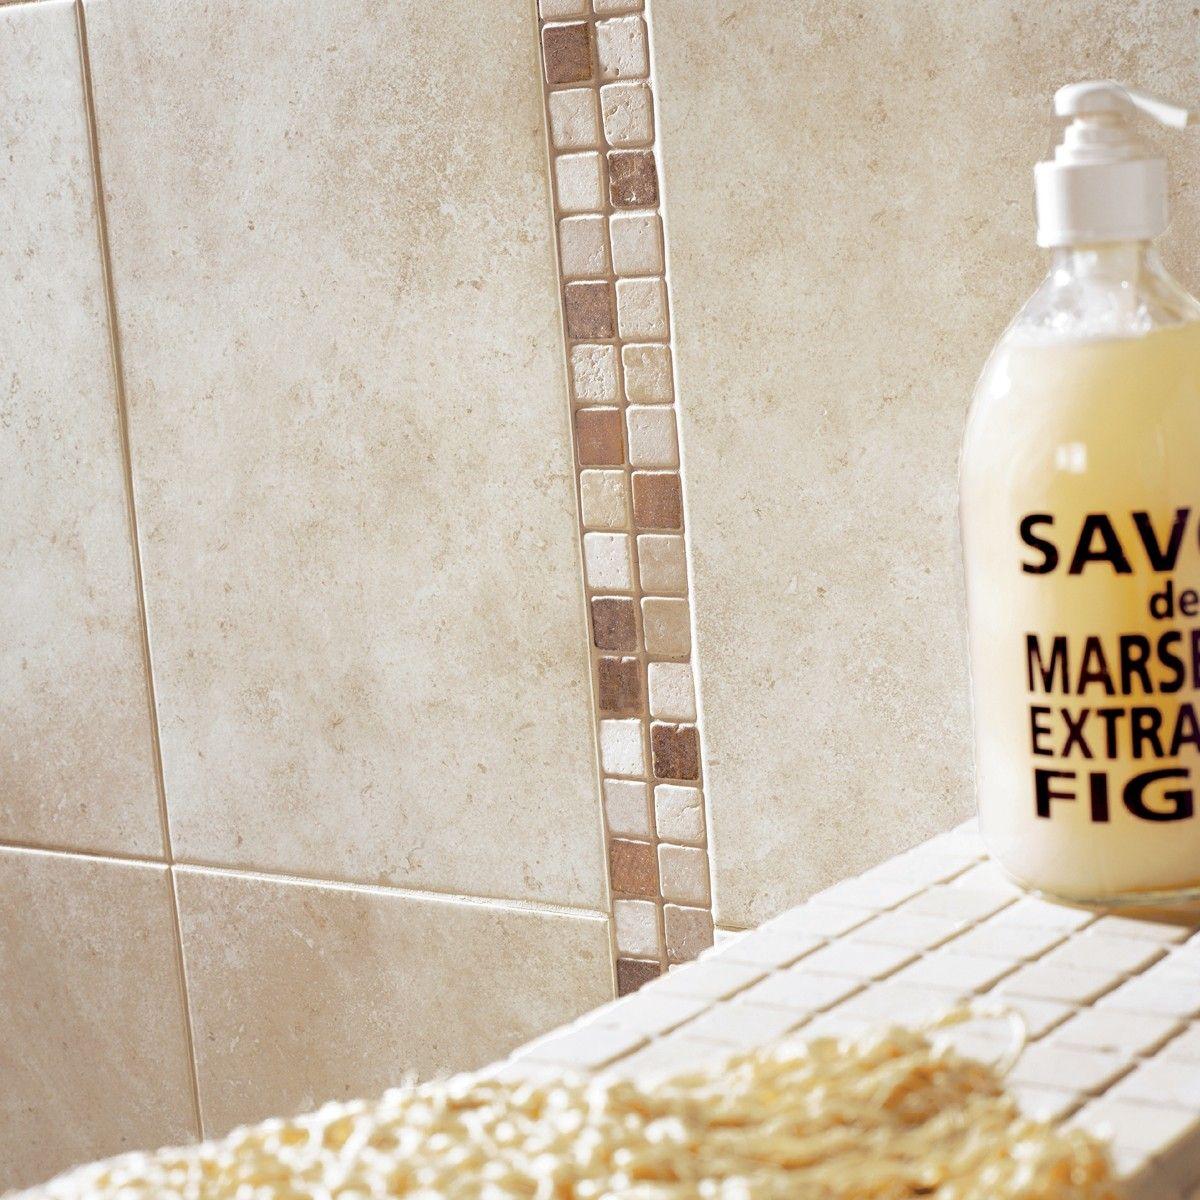 40x25 dakar ivory  tile choice  bathroom wall tile